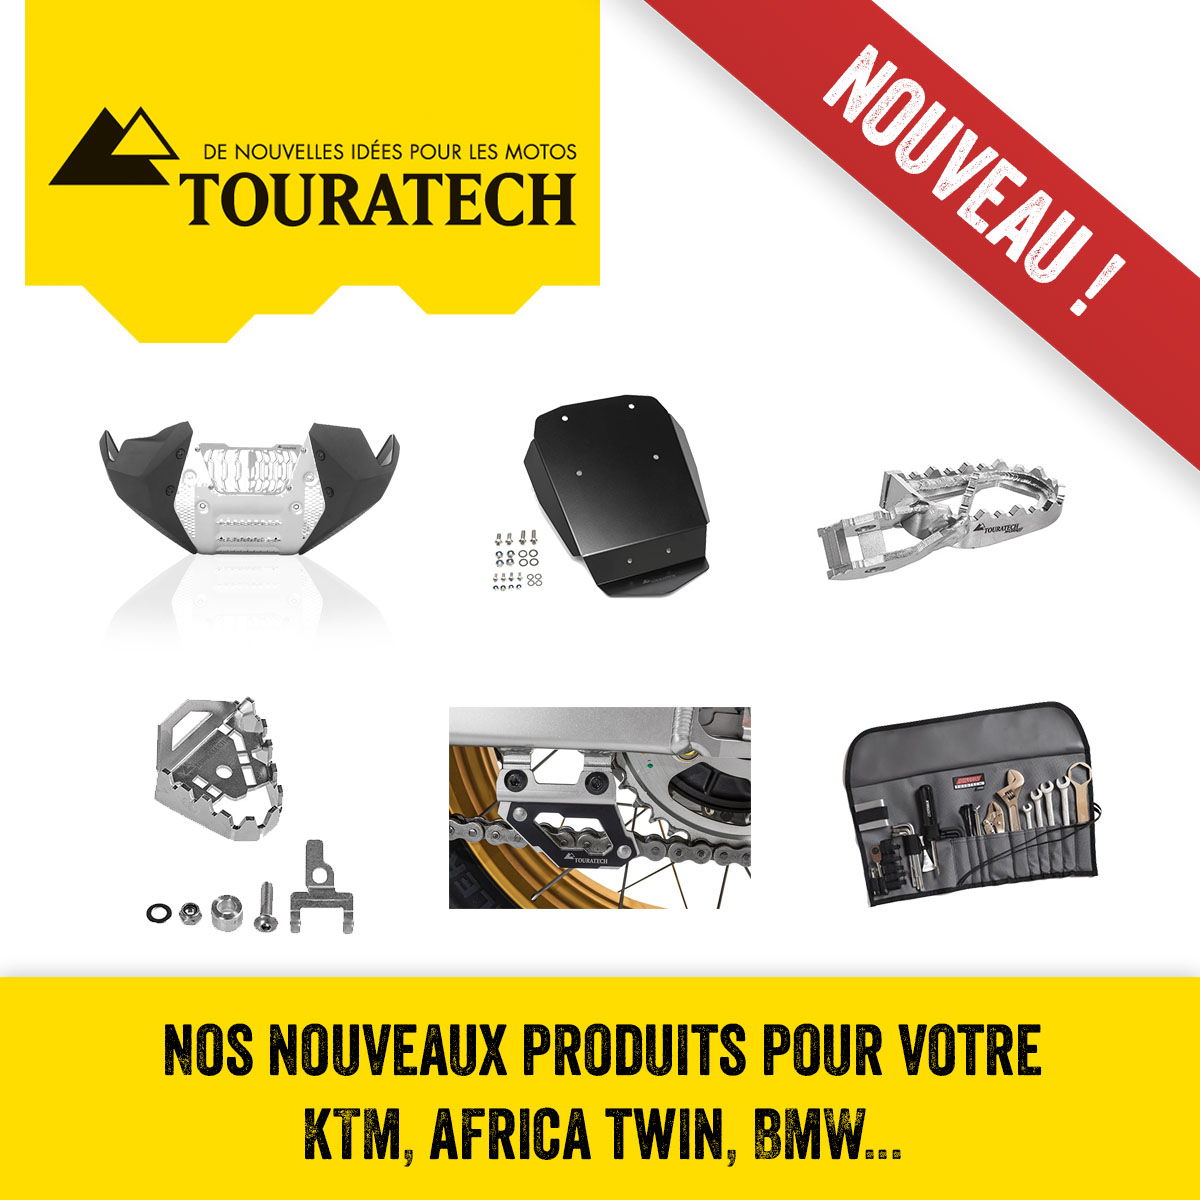 Touratech : Nouveaux Produits Pour Votre KTM, AFRICA TWIN, BMW...